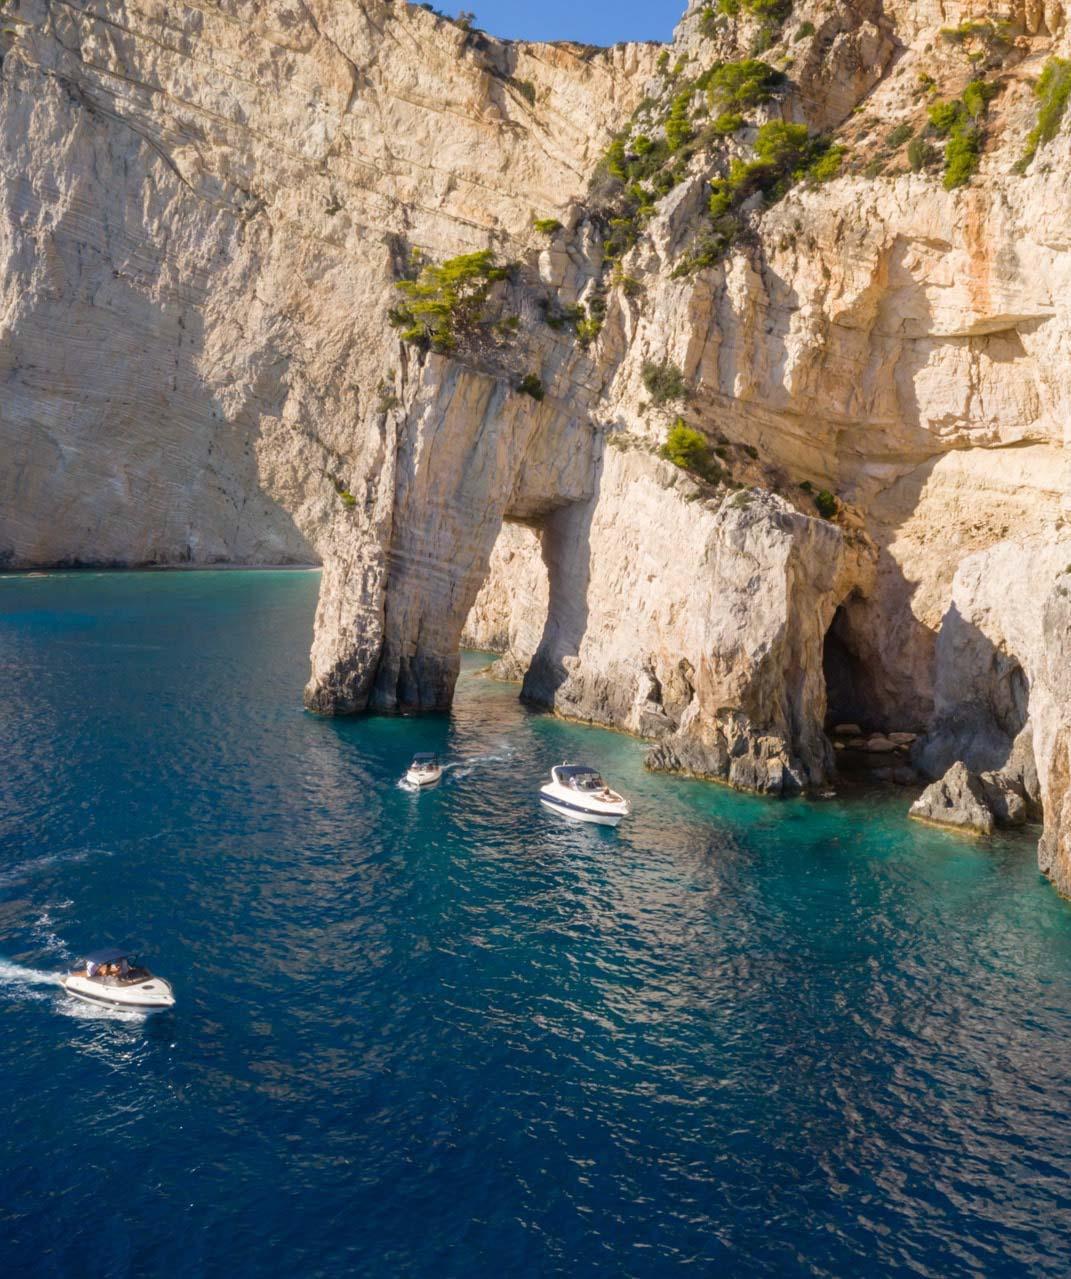 Les falaises de l'île de Cordou abrites de nombreuses criques et grottes à visiter en bateau © DR